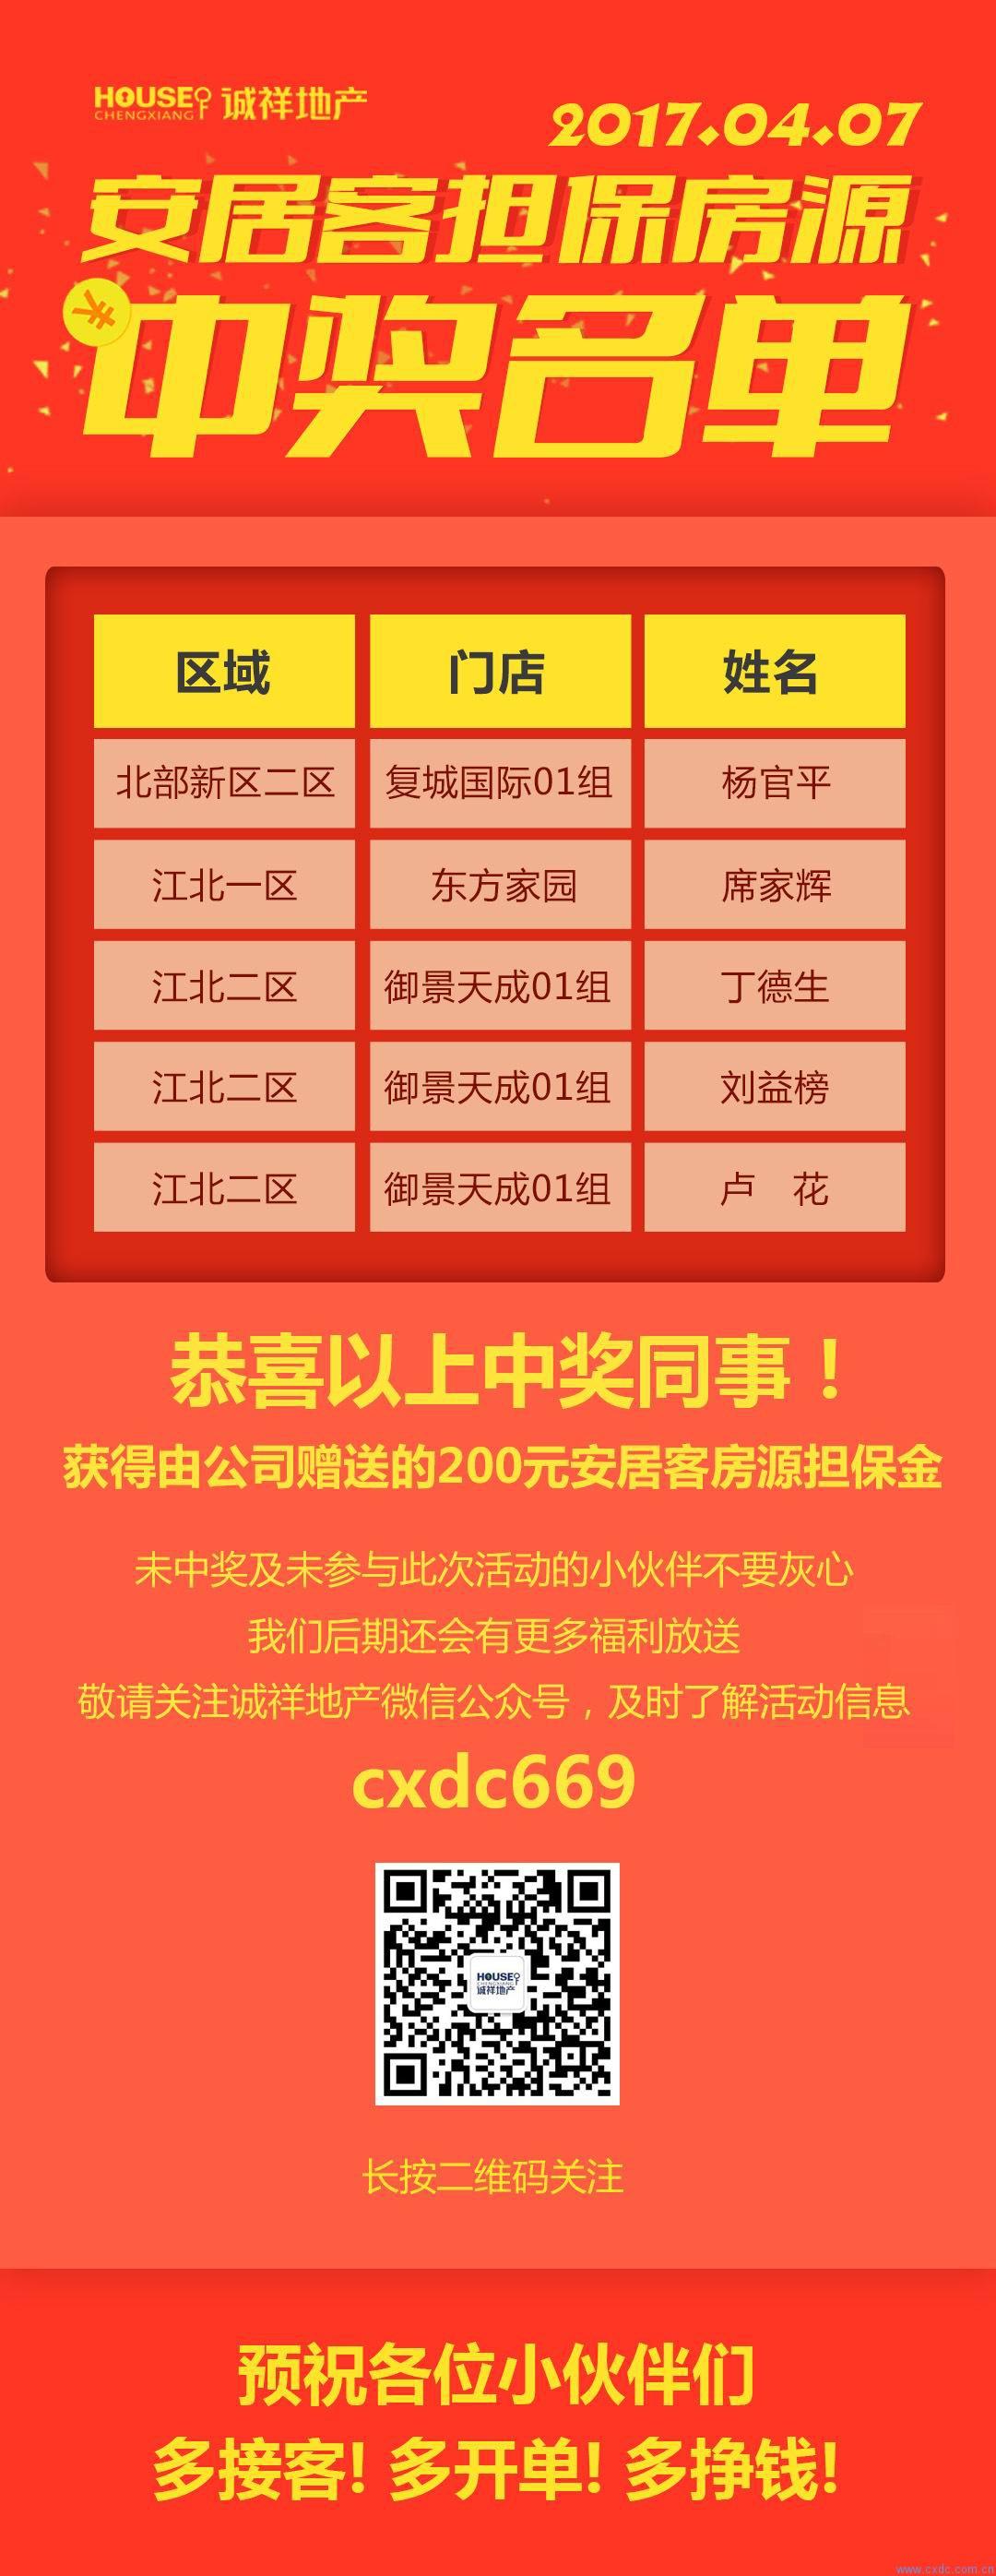 端口中奖名单.jpg